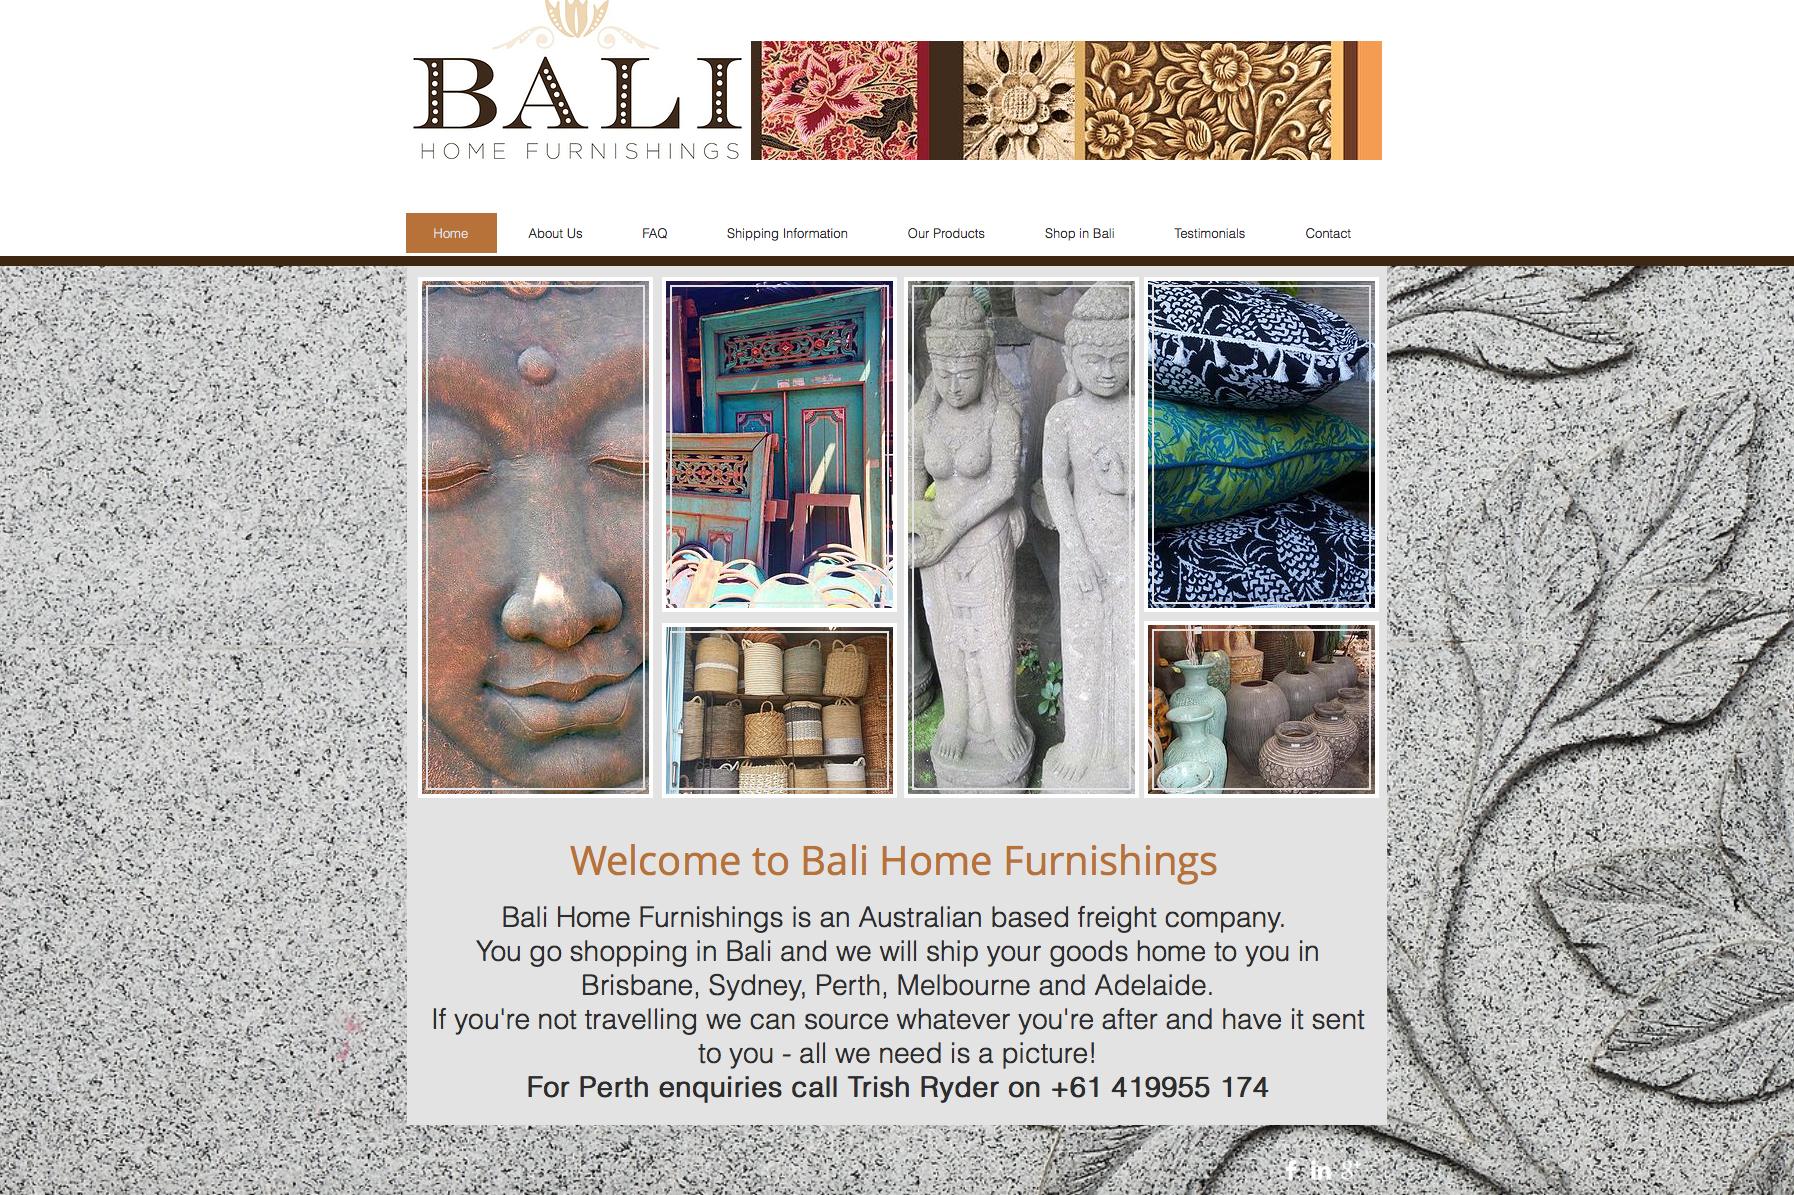 Bali Home Furnishings Website